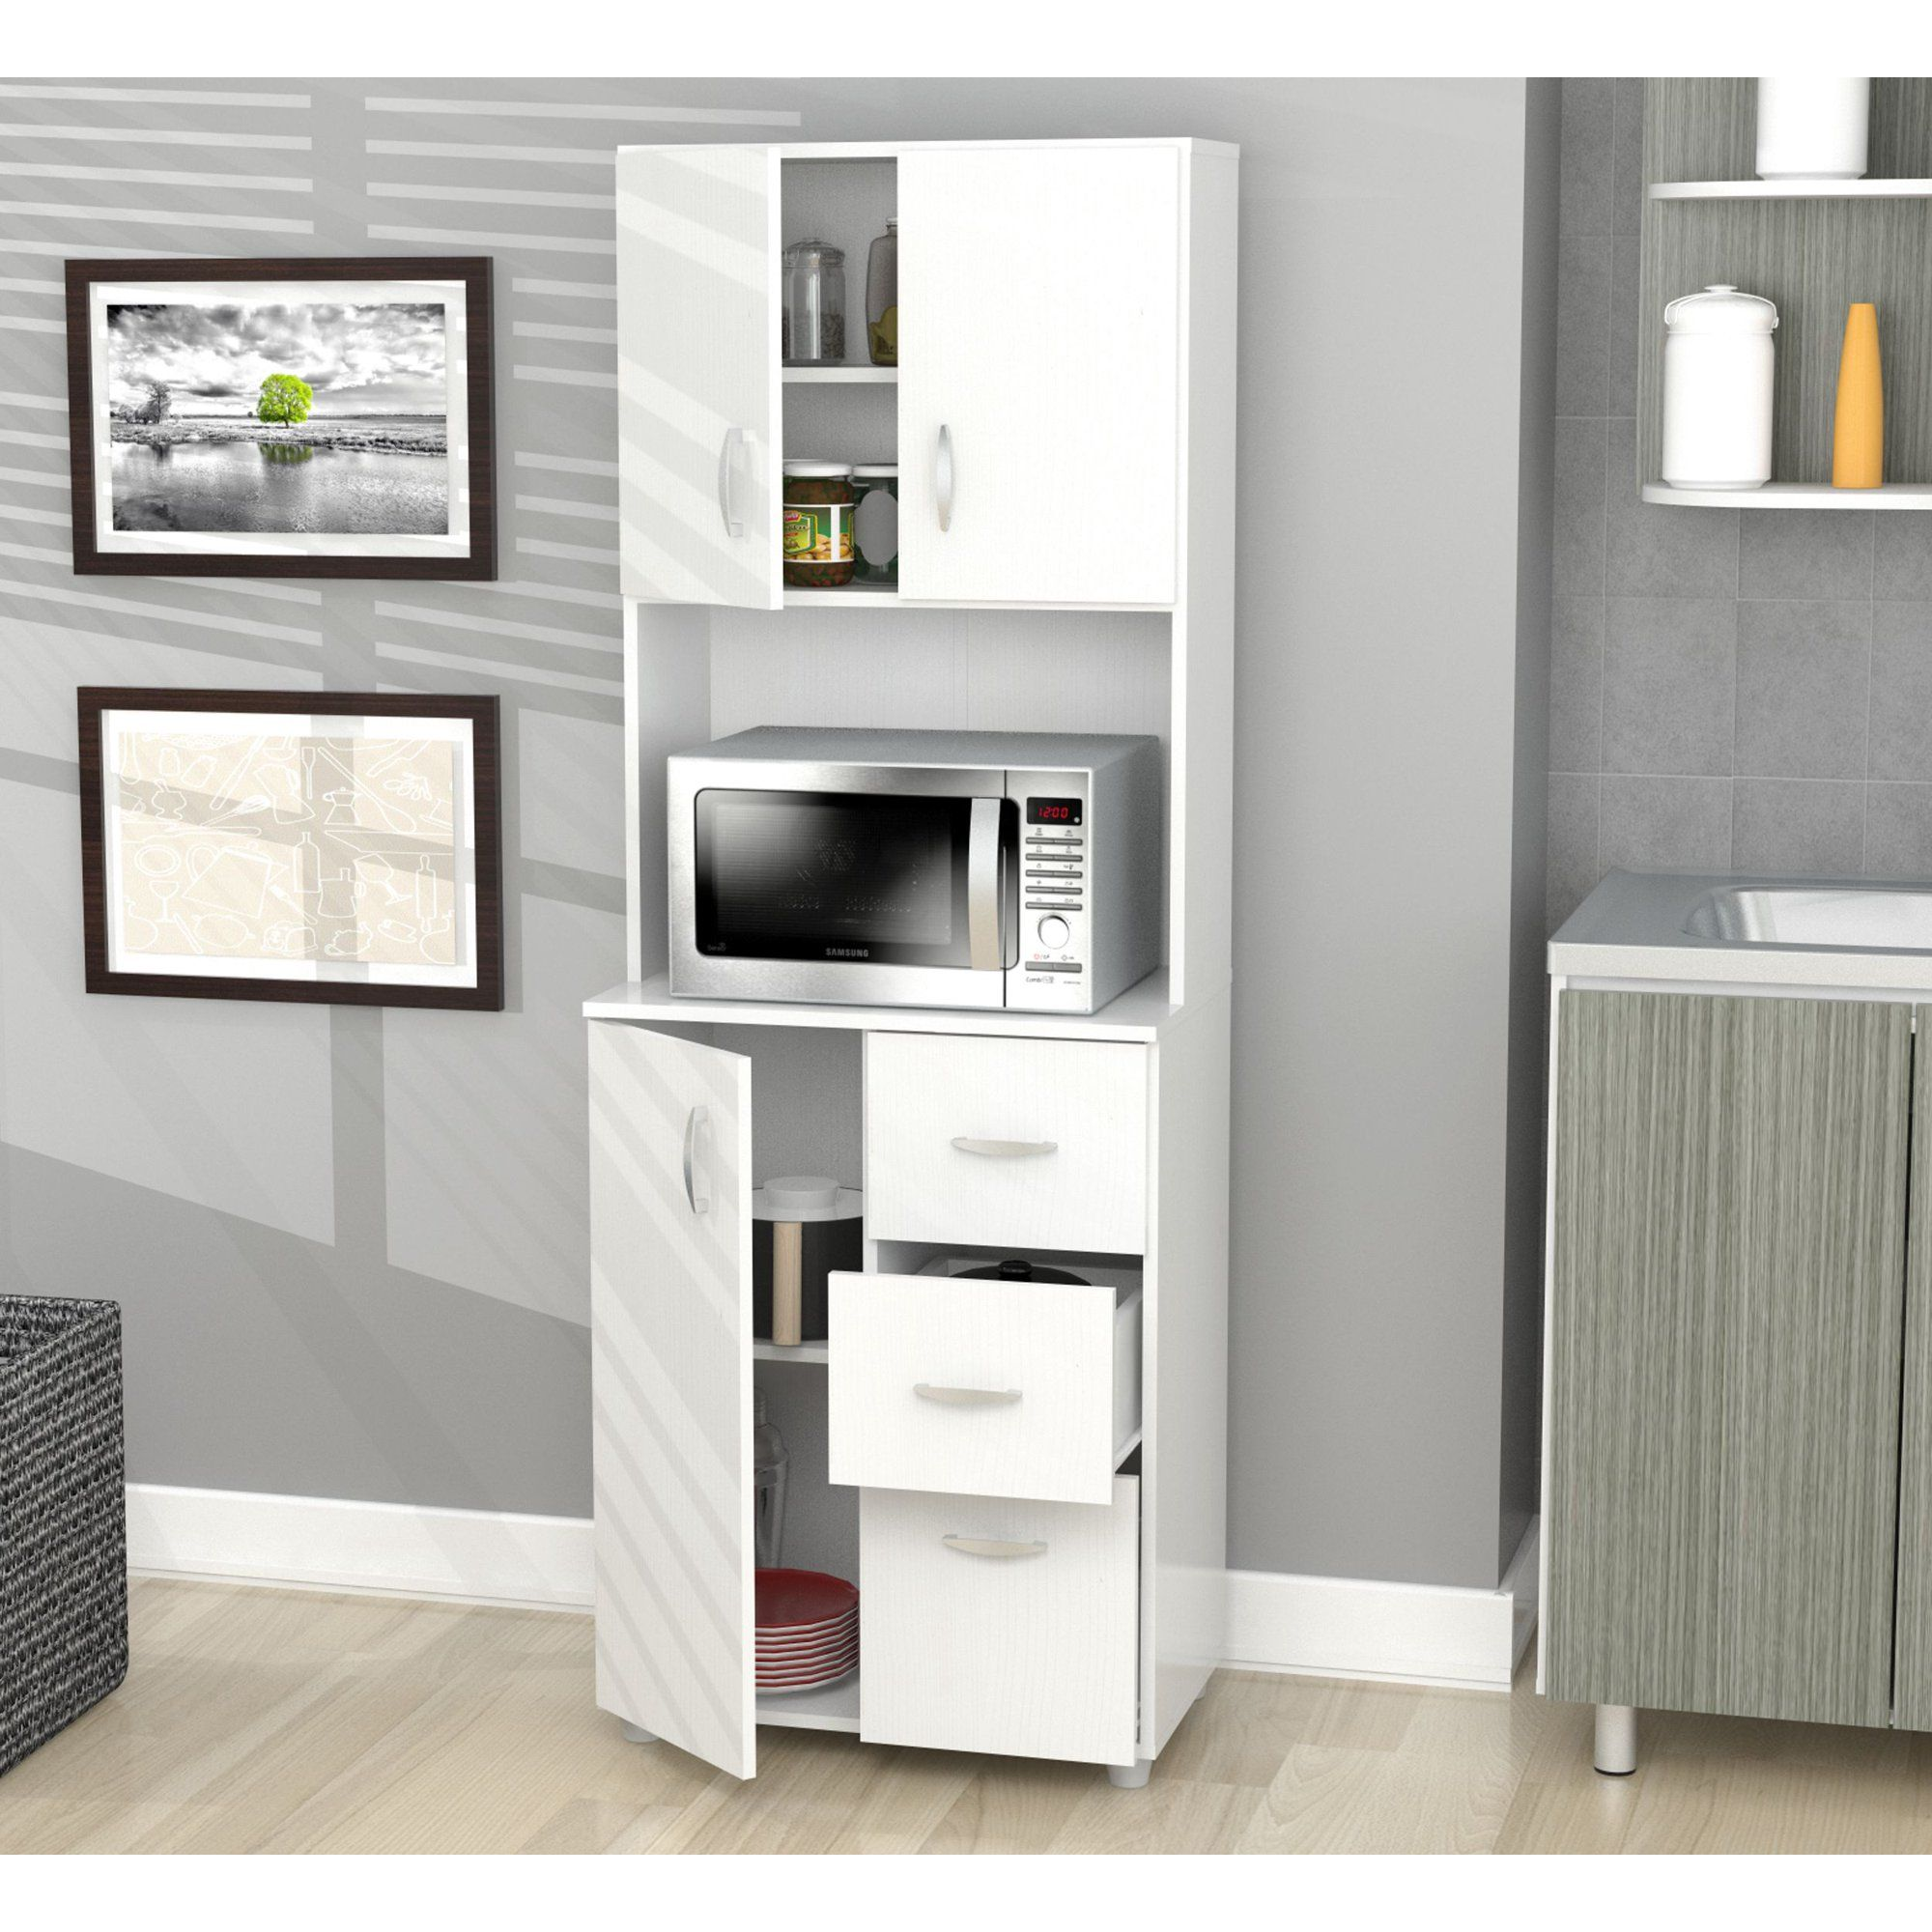 Kitchen Microwave Storage Cabinet White